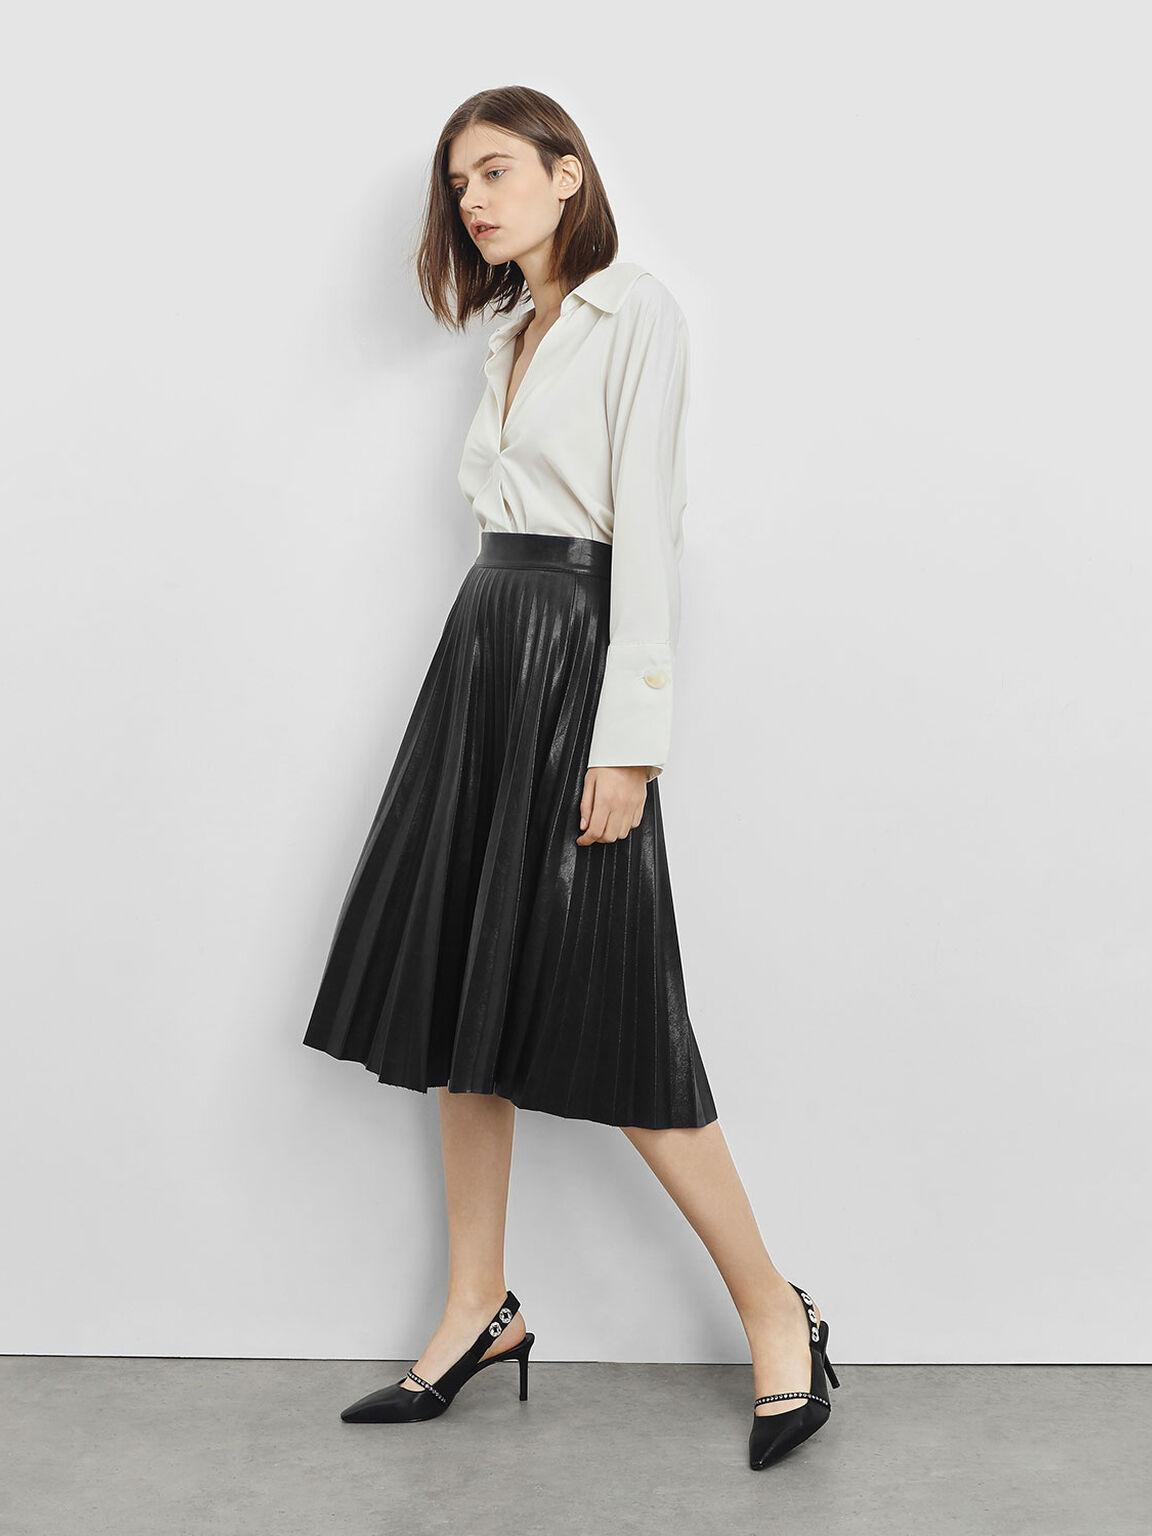 Leather Bedazzled Sling Back Heels, Black, hi-res